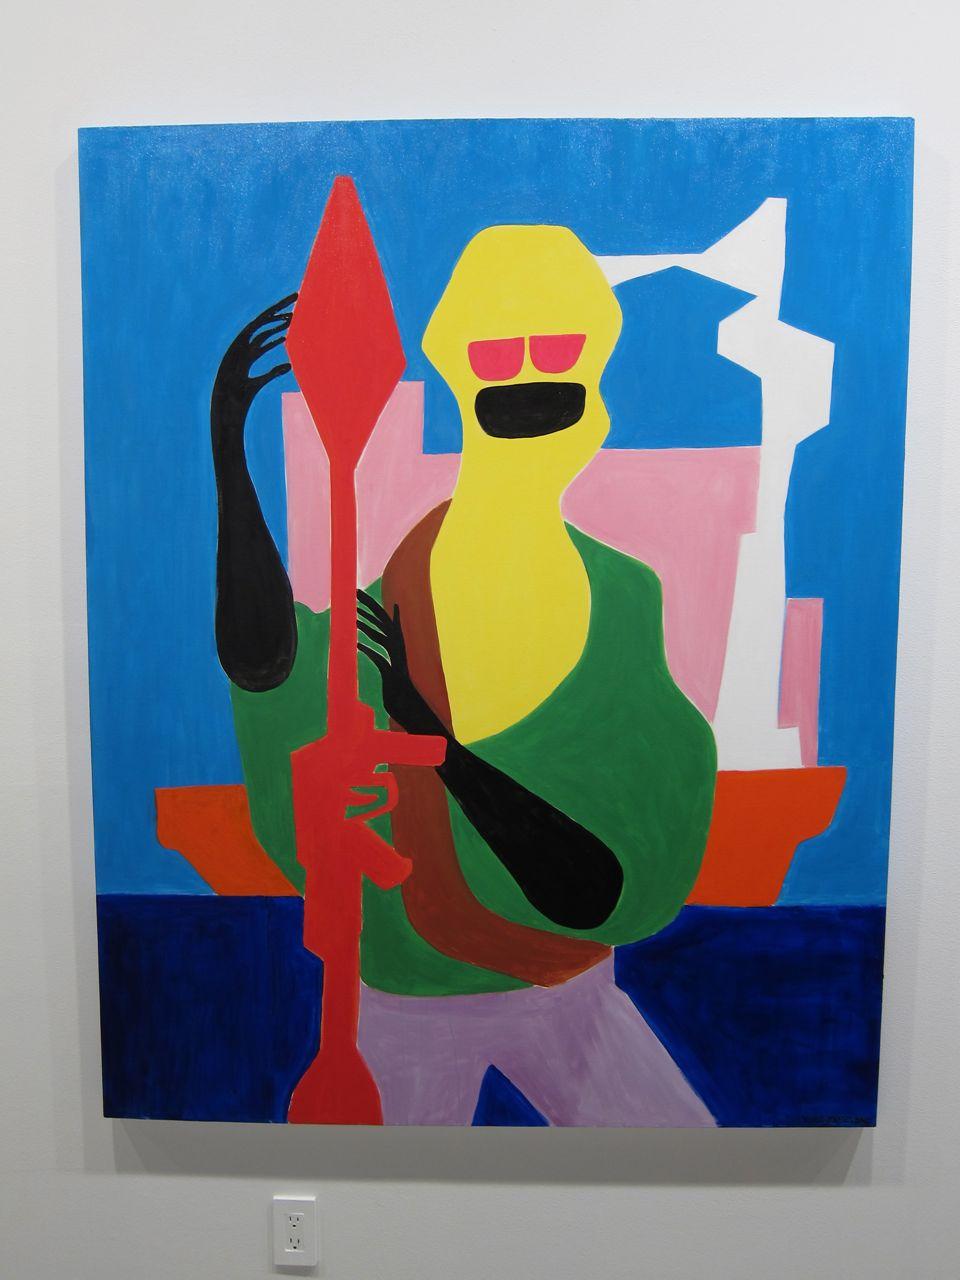 Todd James Reas Gering AM 08